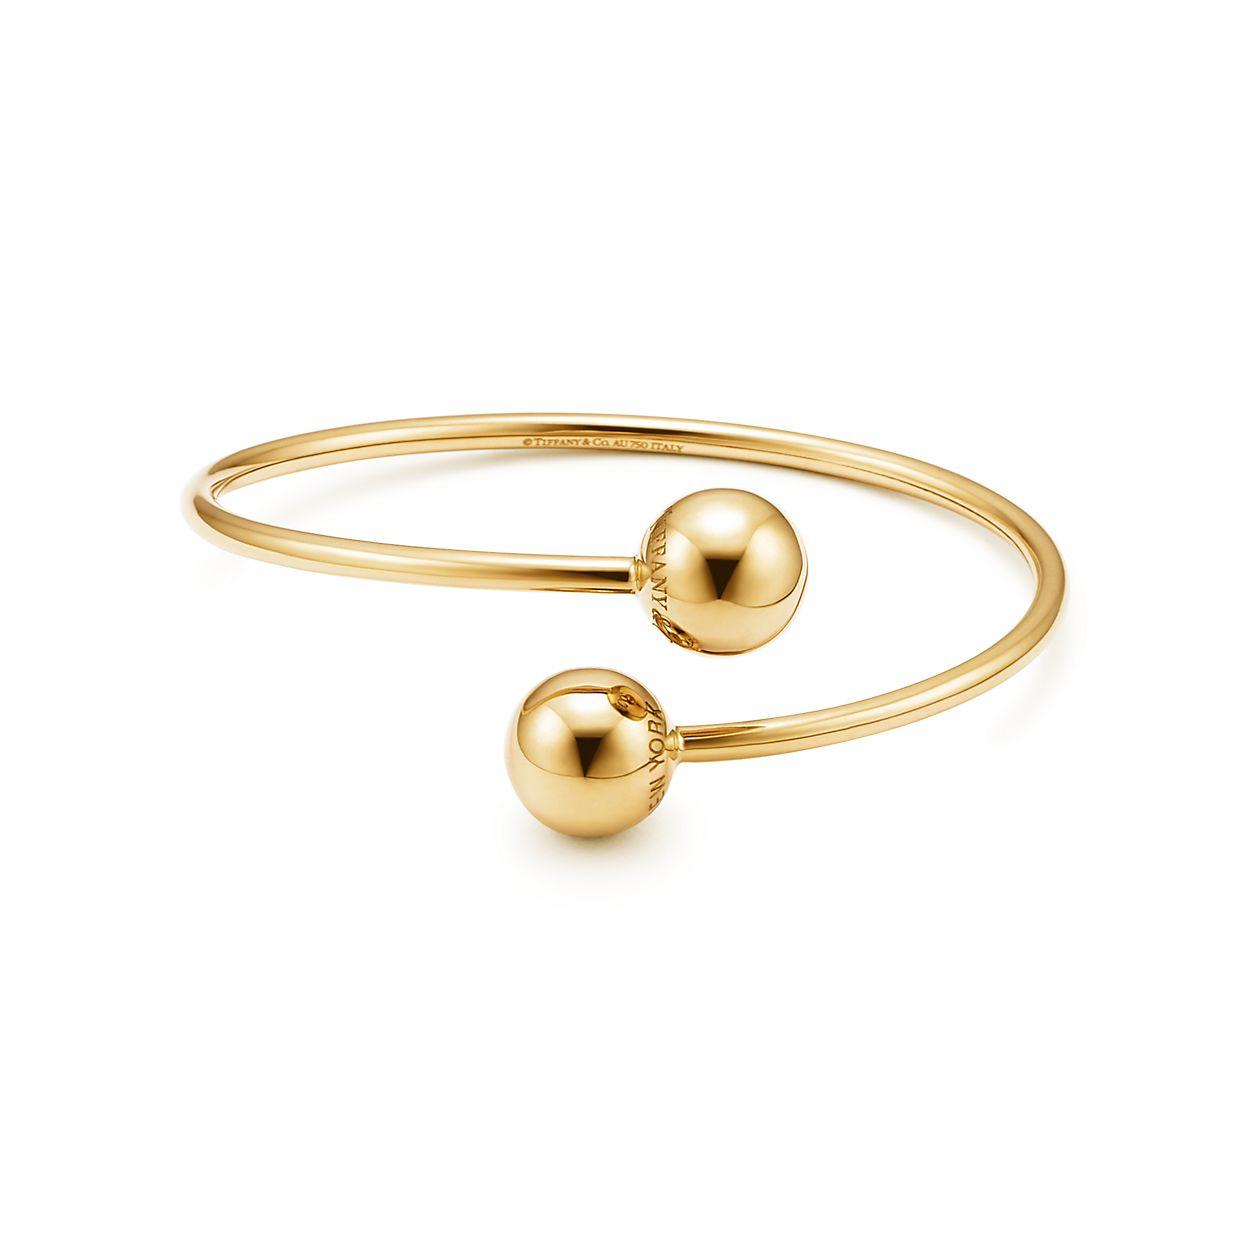 Tiffany Hardwear Ball Byp Bracelet